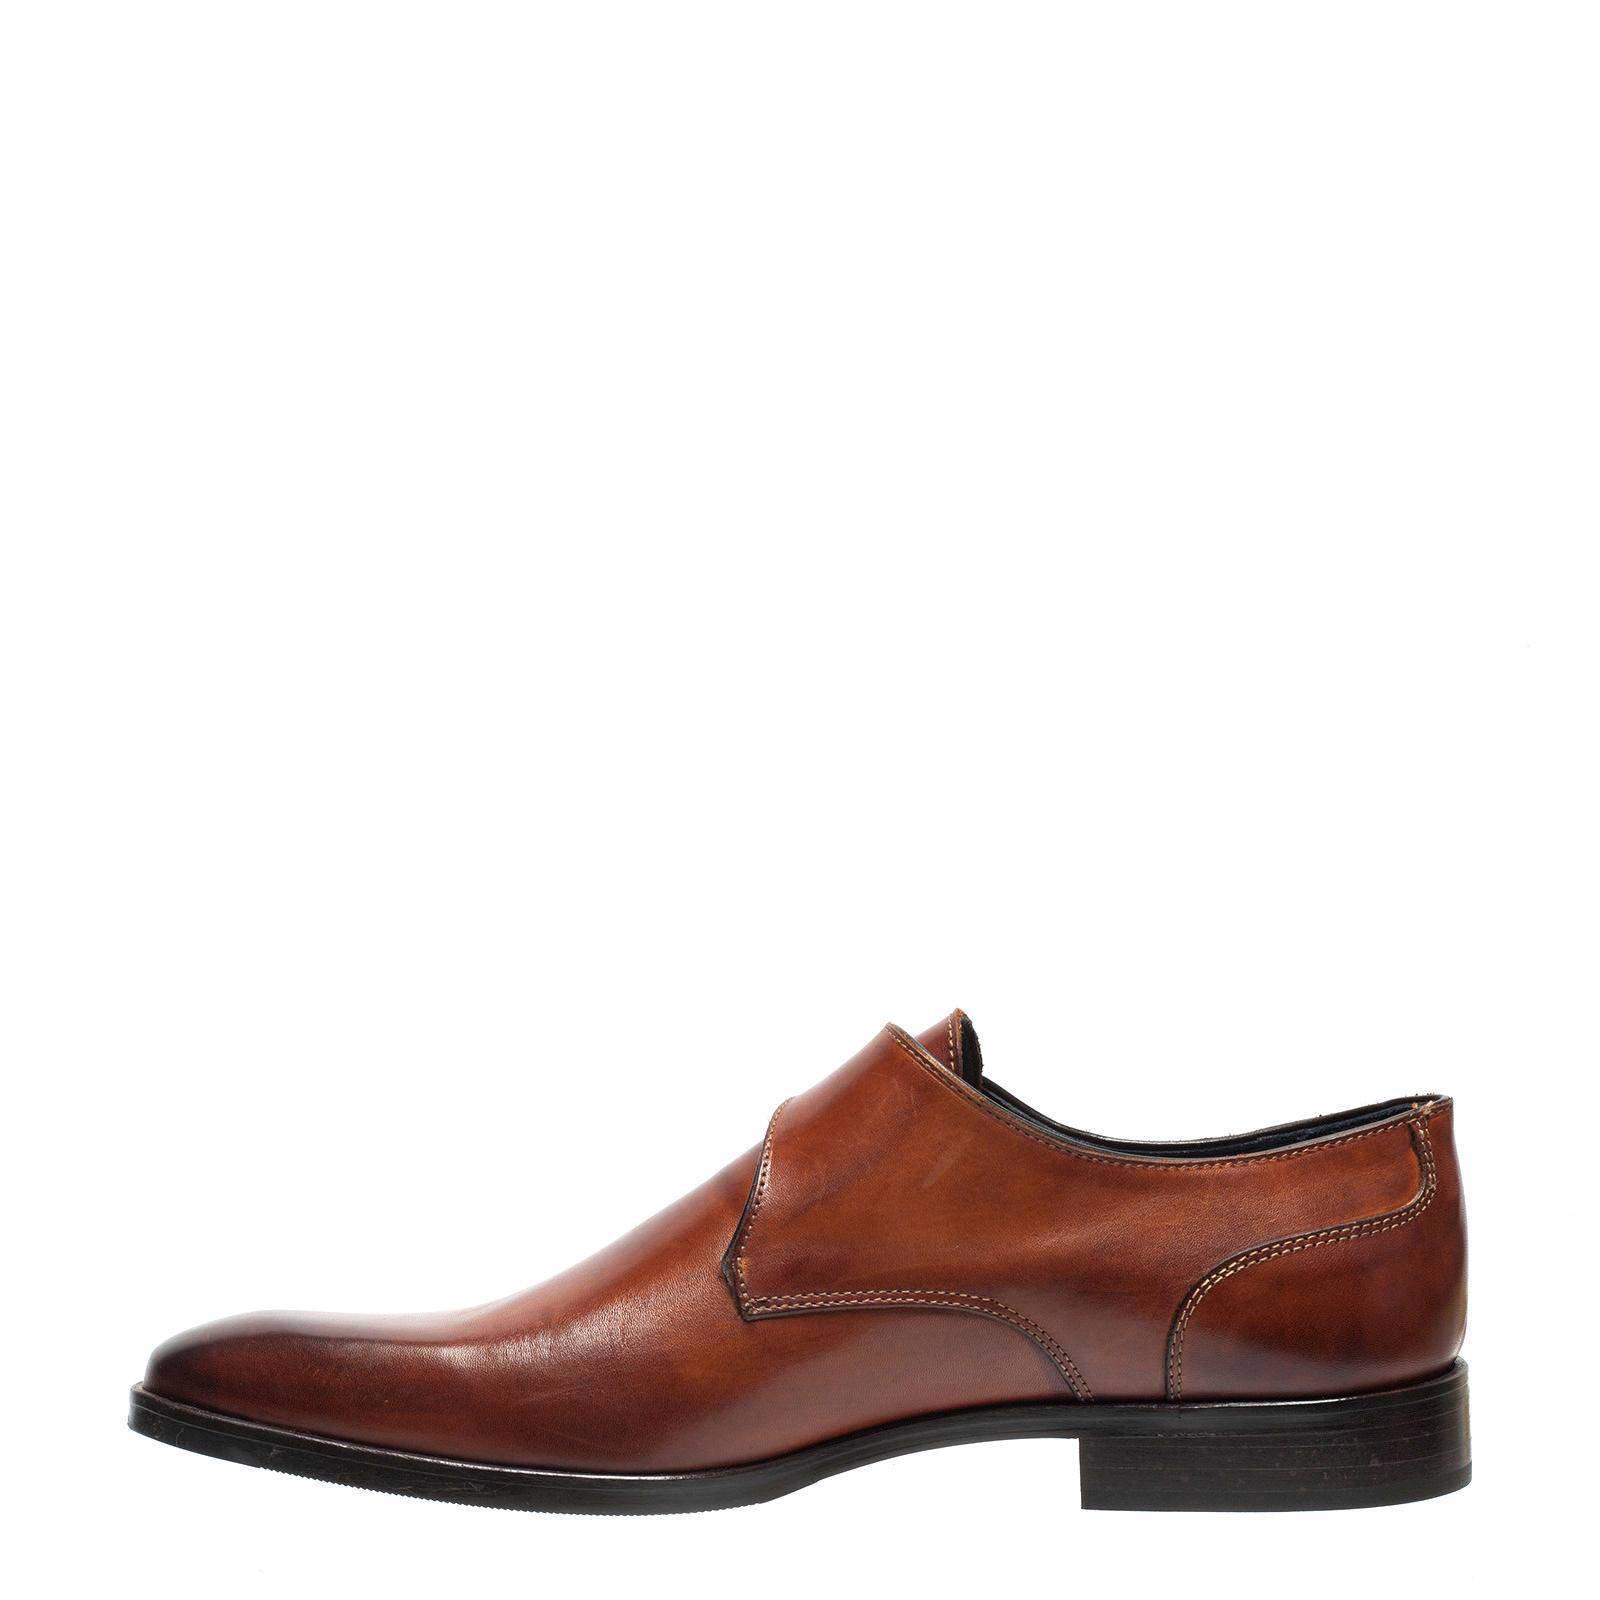 Chaussures Marron Avec Boucle Manfield Pour Les Hommes DpwAHJ